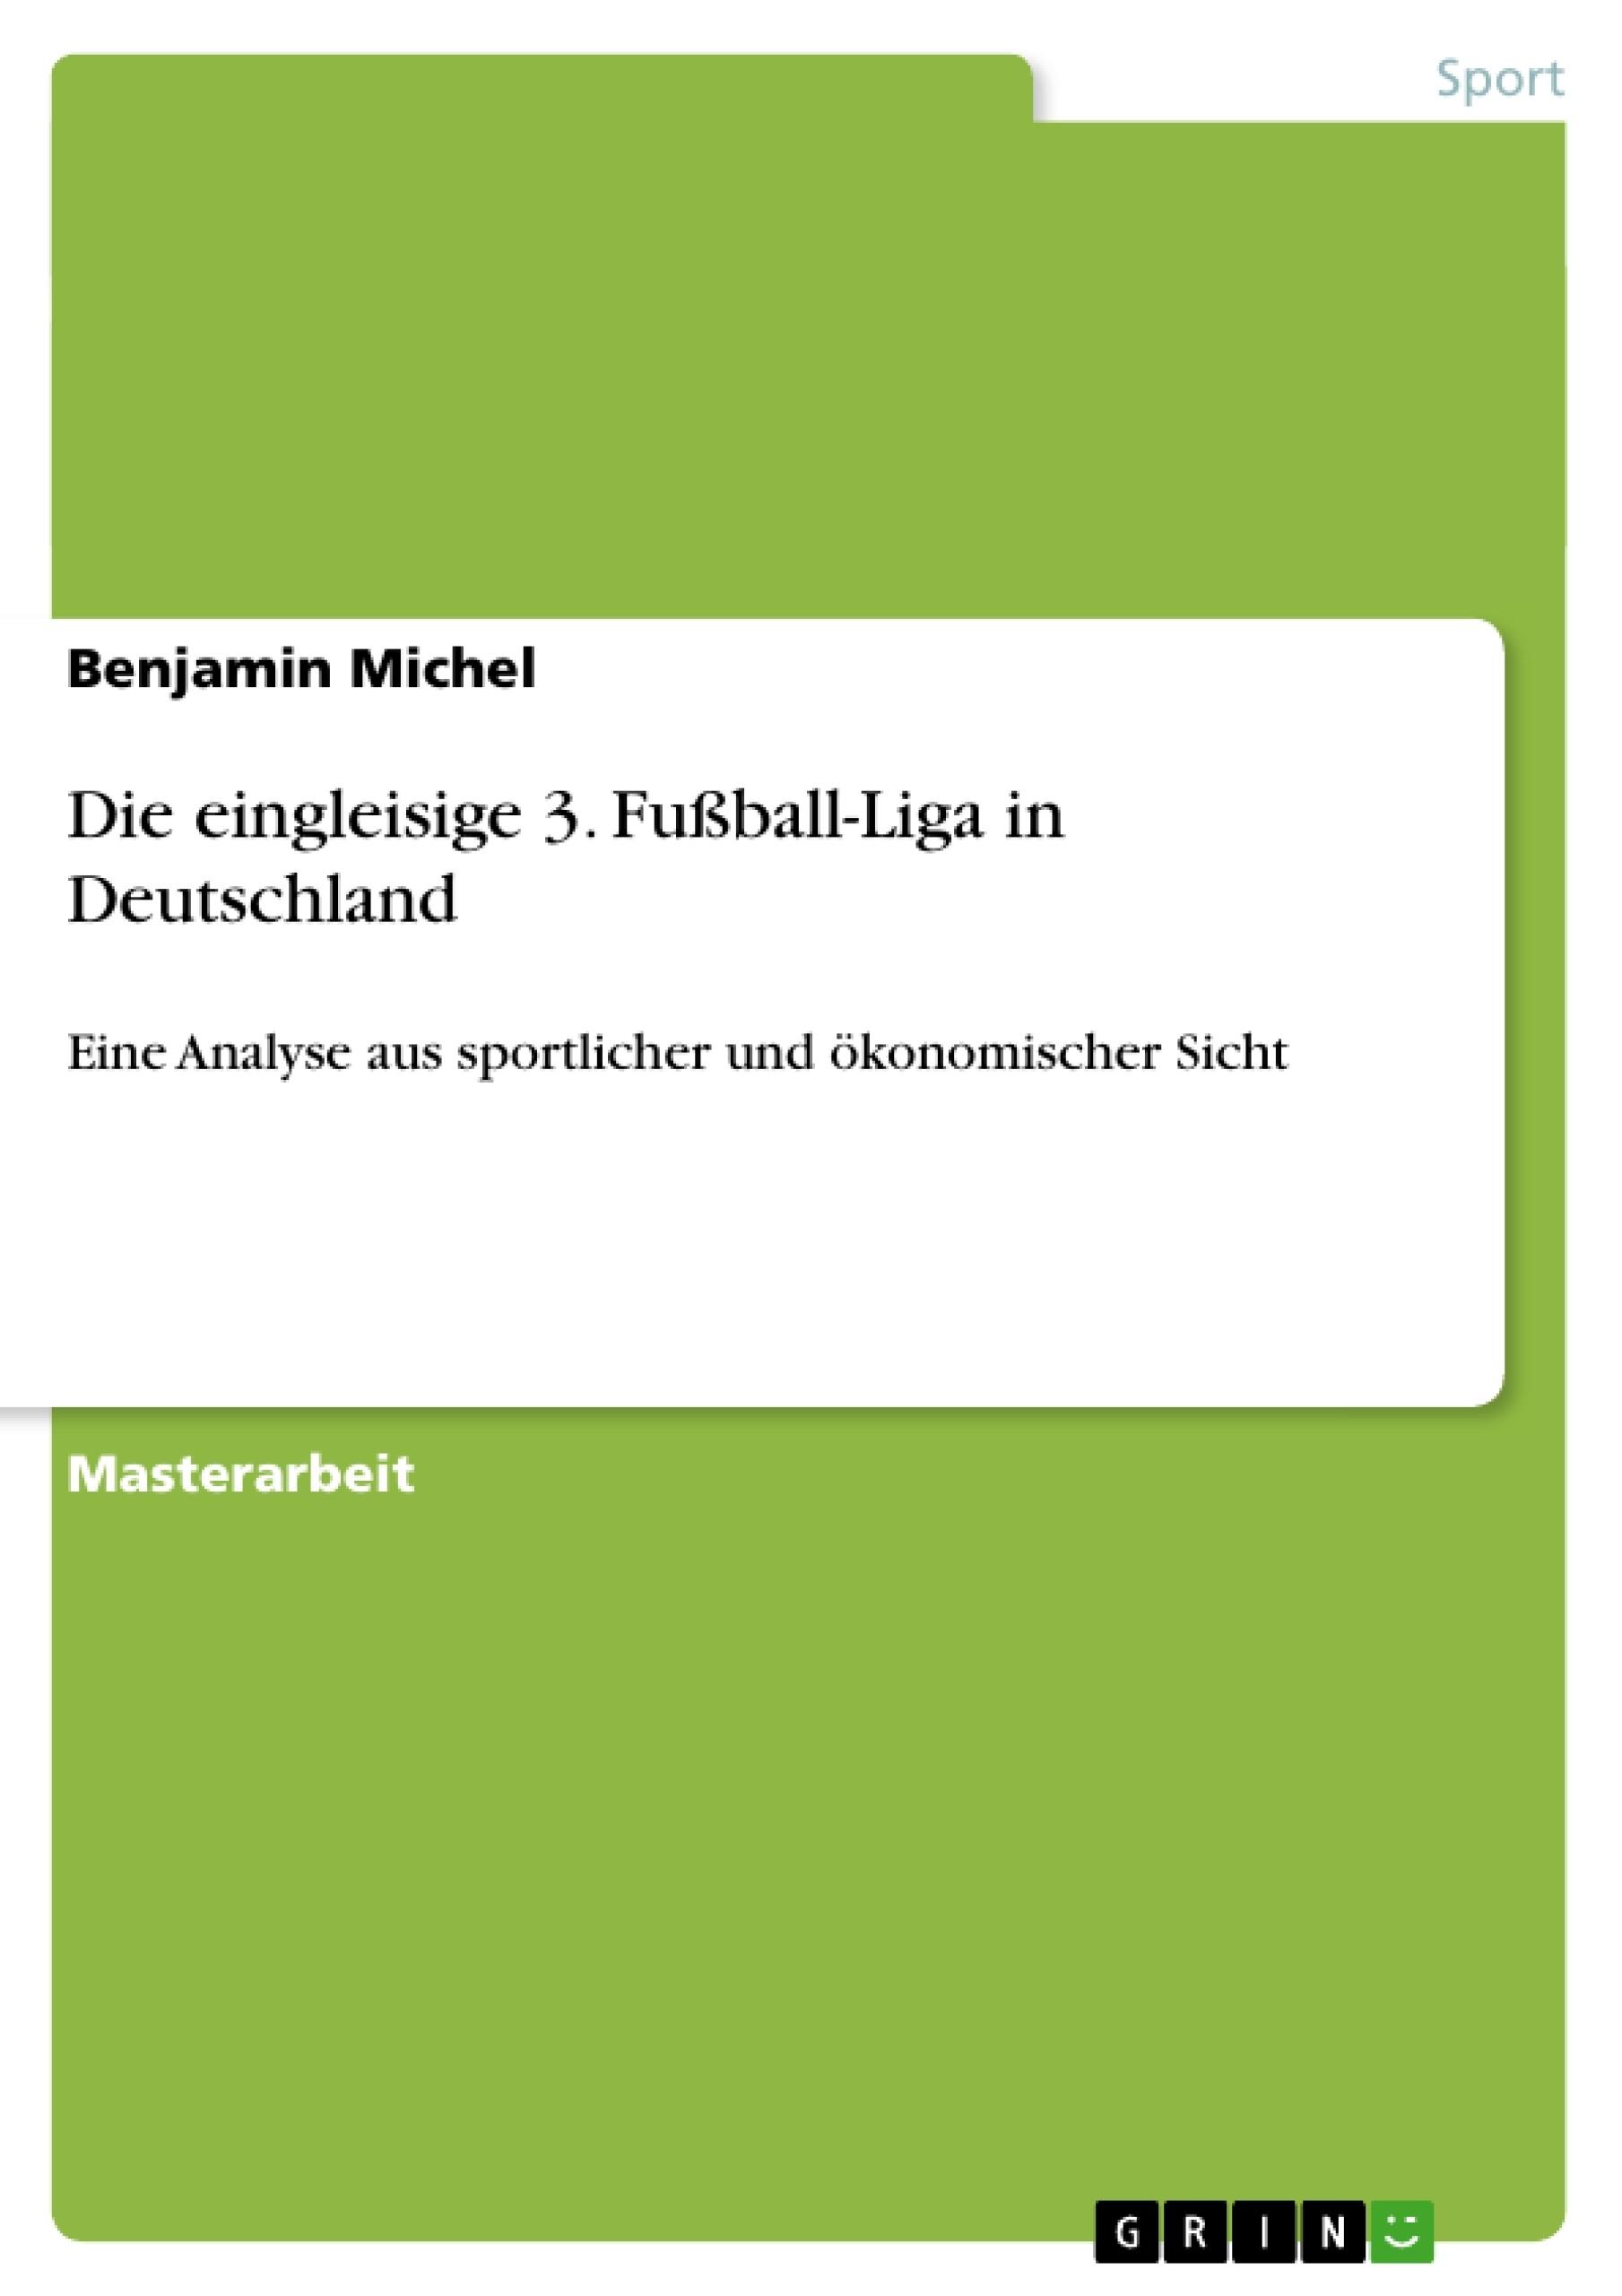 Titel: Die eingleisige 3. Fußball-Liga  in Deutschland